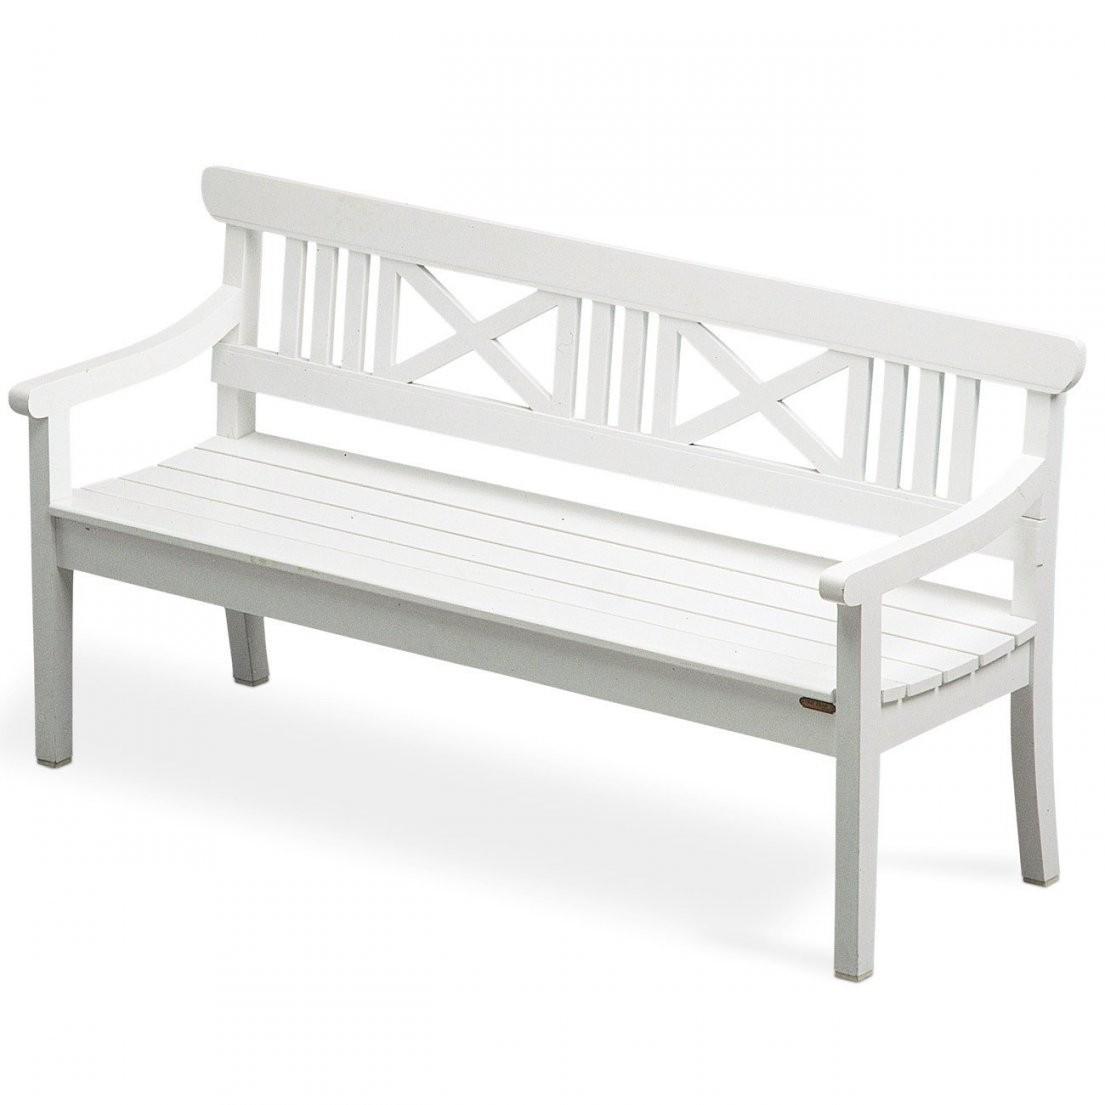 17 Wunderschön Weise Gartenbank Ikea Designs  Vorteiles von Weiße Gartenbank Ikea Bild